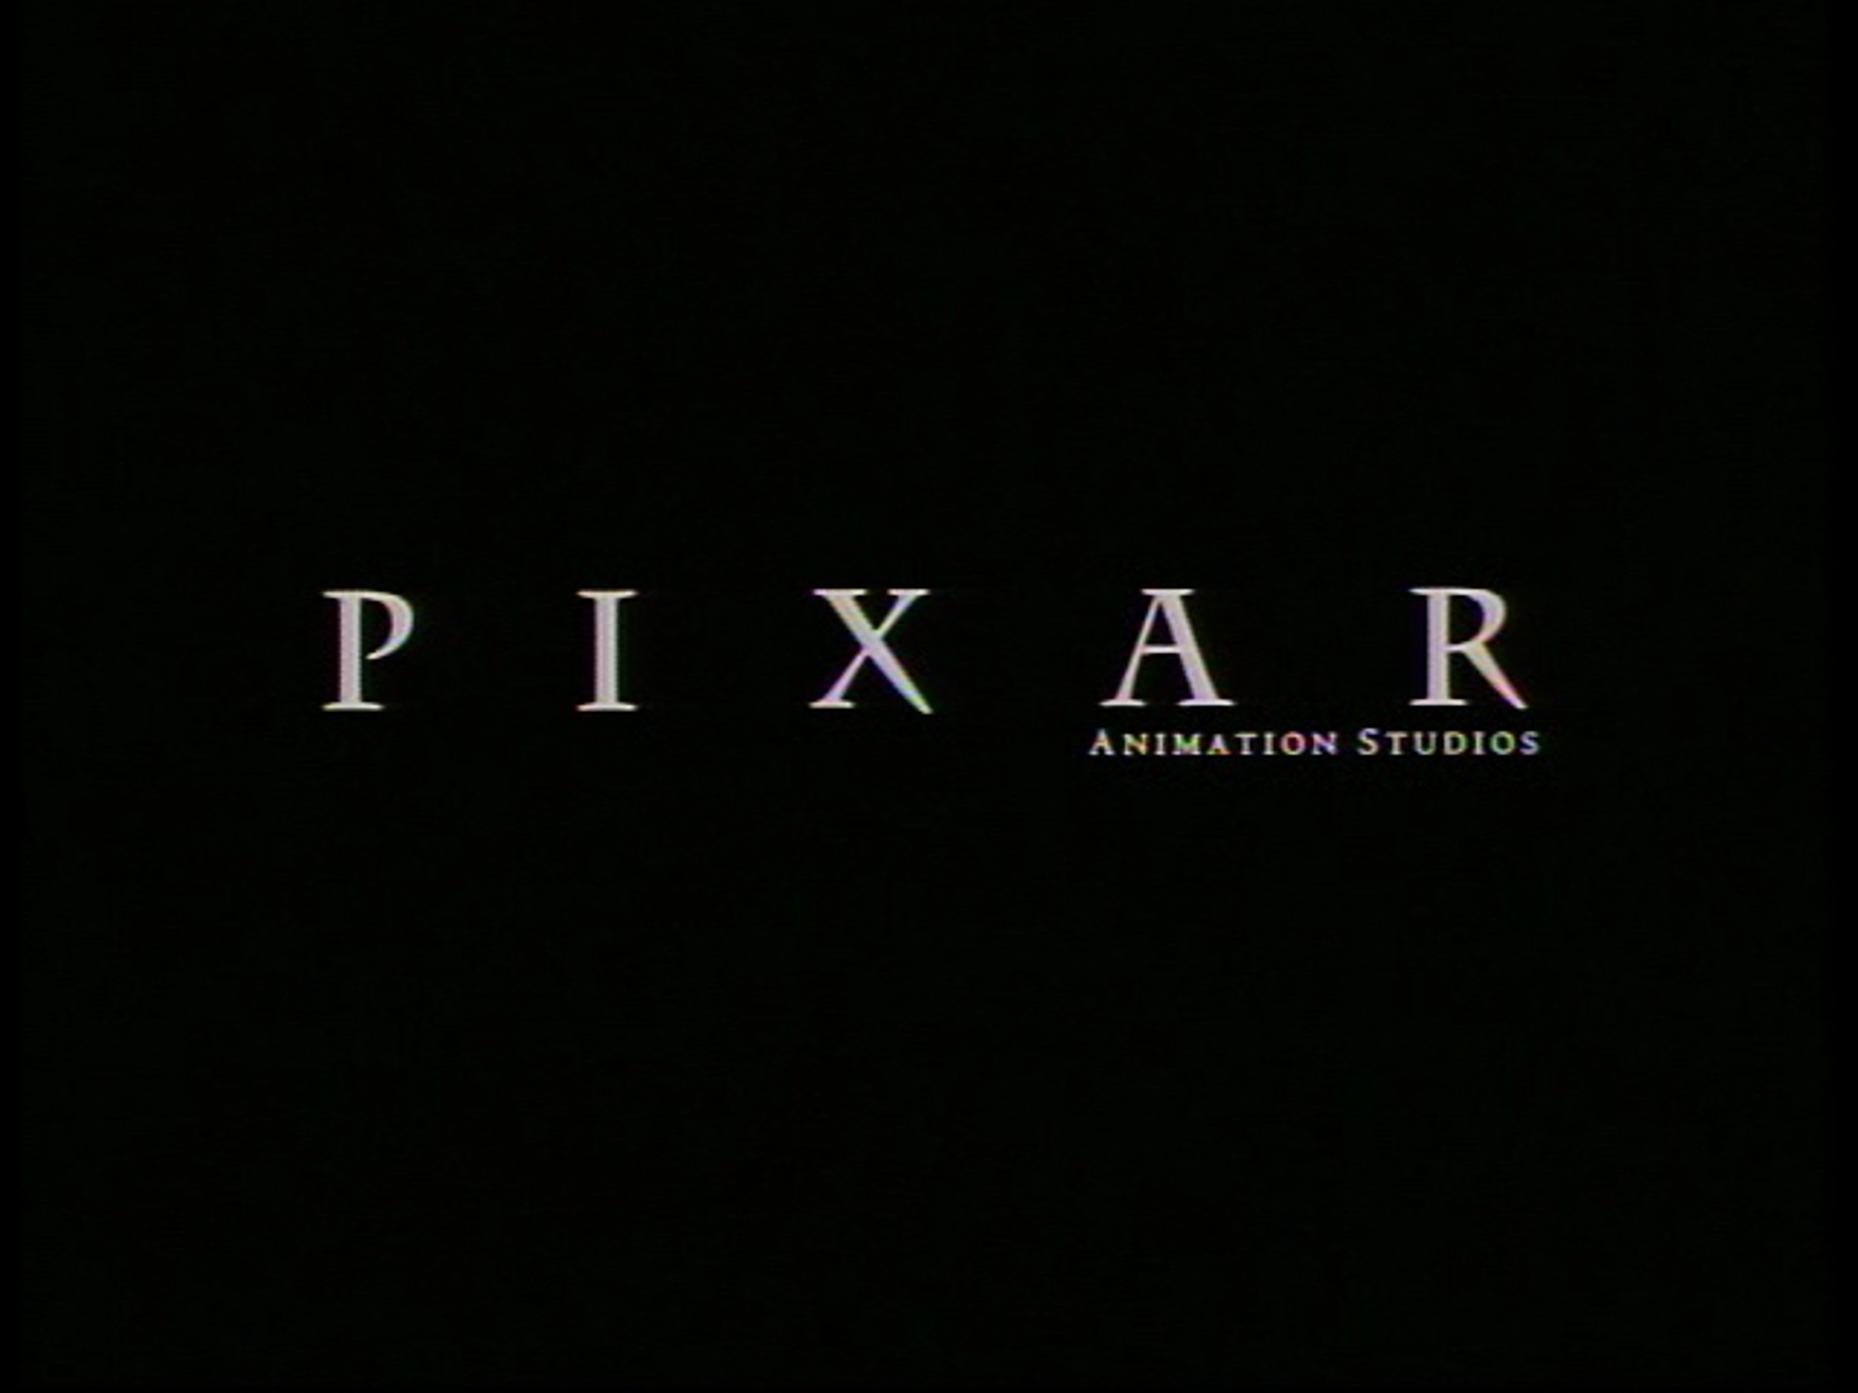 Image Pixar Logo Toy Story Trailer Variant Png